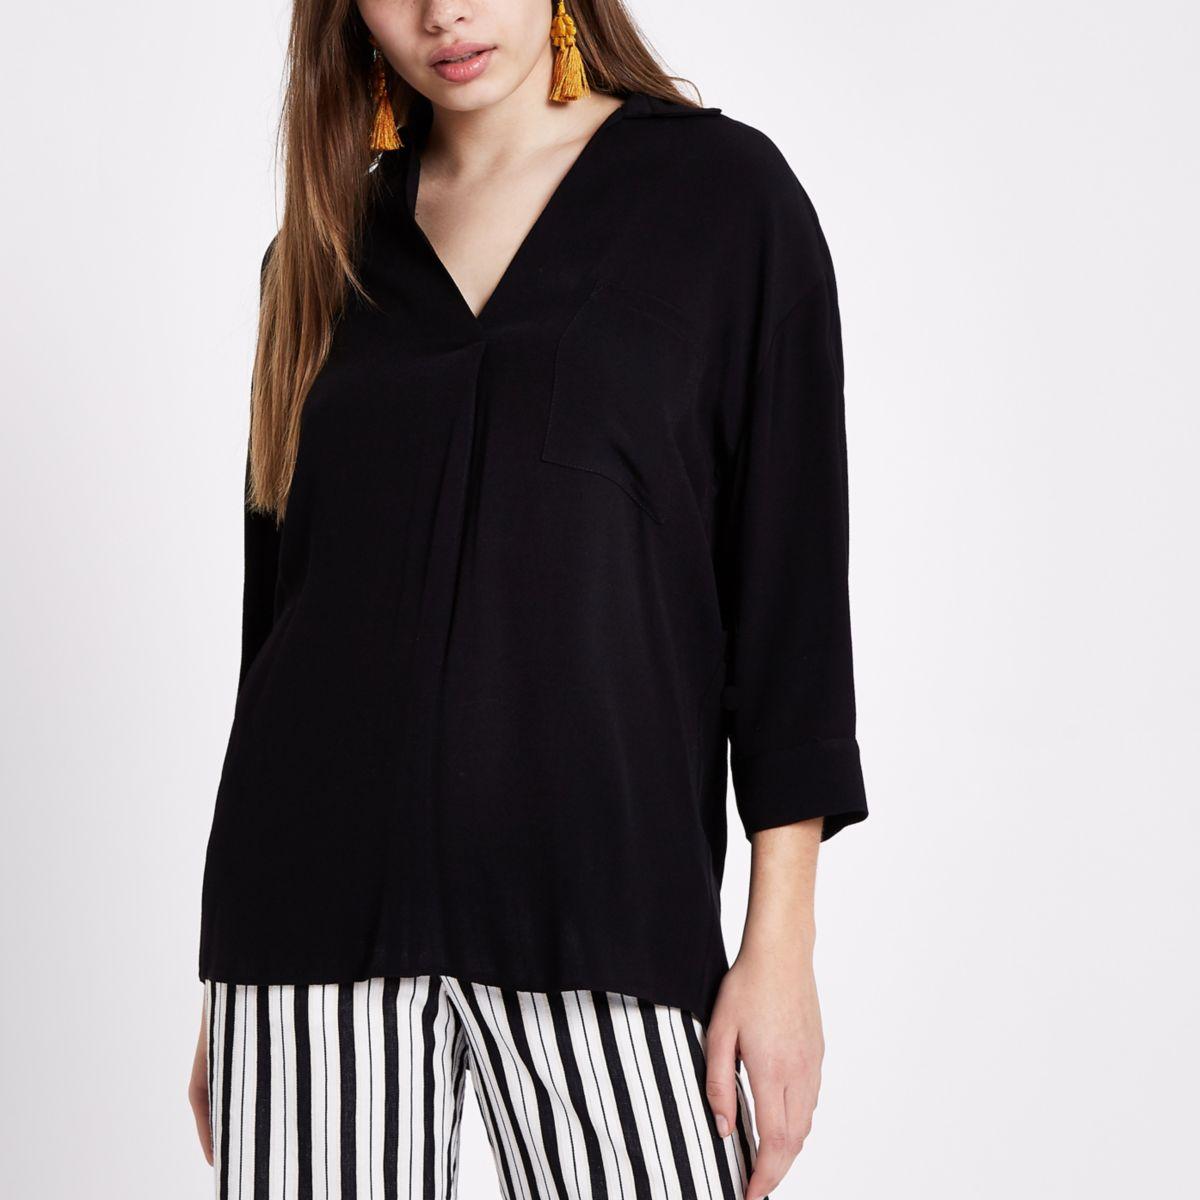 Zwarte blouse met gekruiste bandjes op de rug